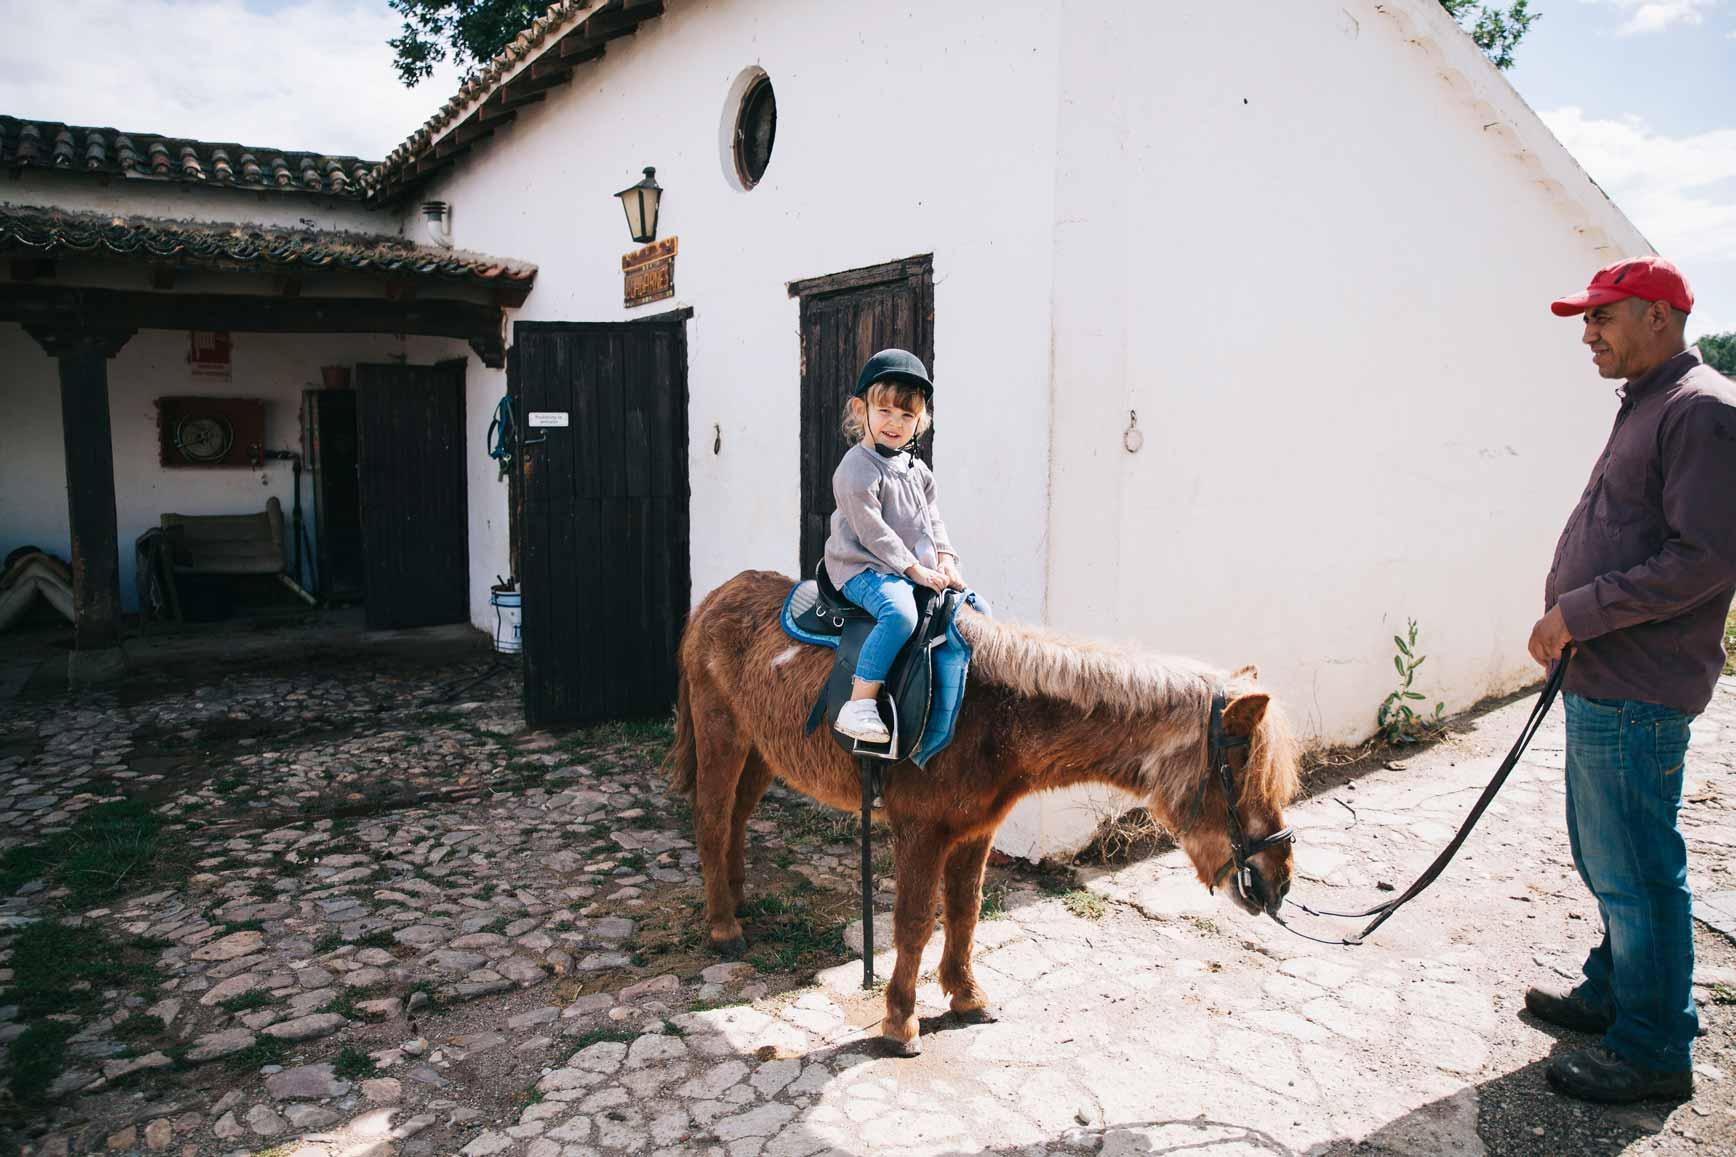 Ruta a Caballo - Caballos La Vereda_claraBmartin_42